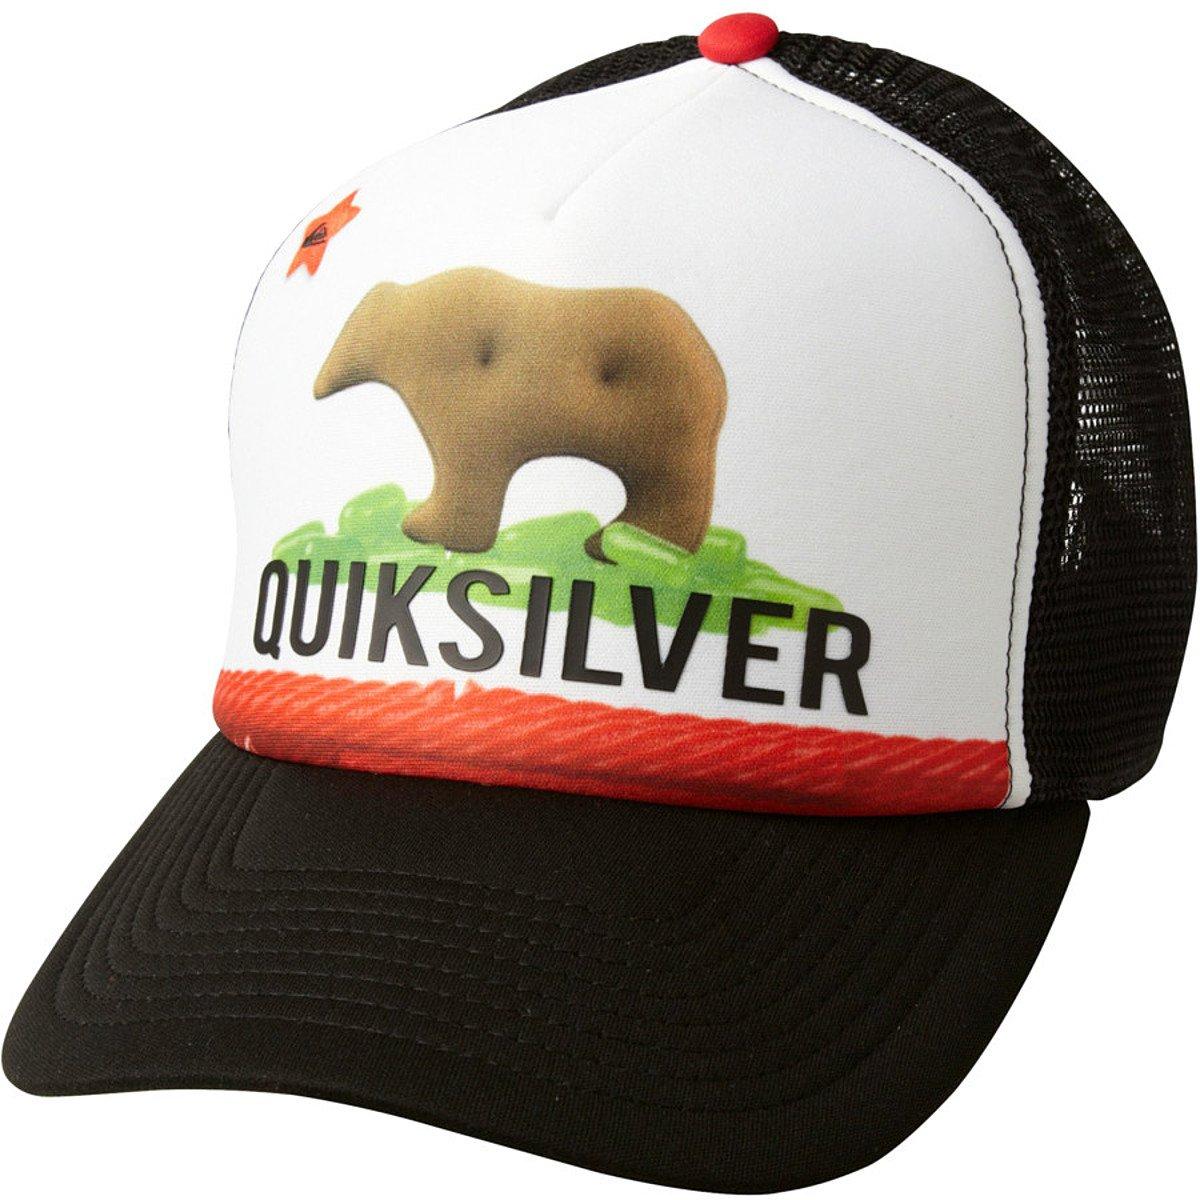 Quiksilver Candy Animal Cracker California Bear Flag Terg Ferg Mesh Foam Trucker Snapback Cap Hat (Black-White)